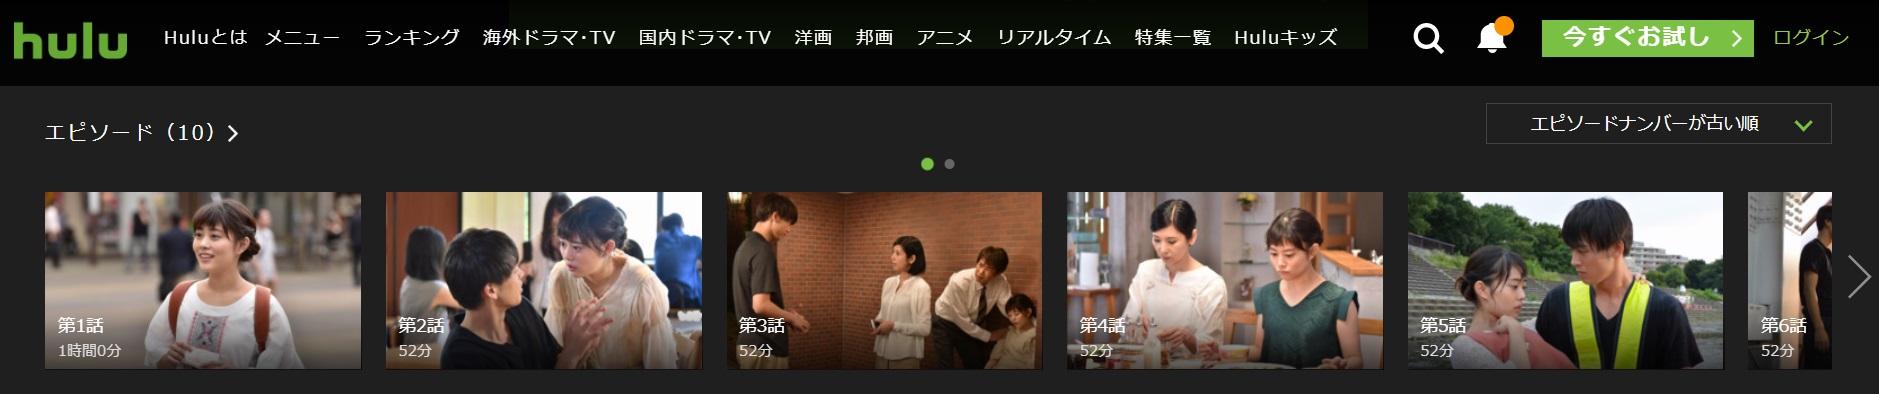 過 保護 の カホコ ドラマ 動画 2 話 視聴 率